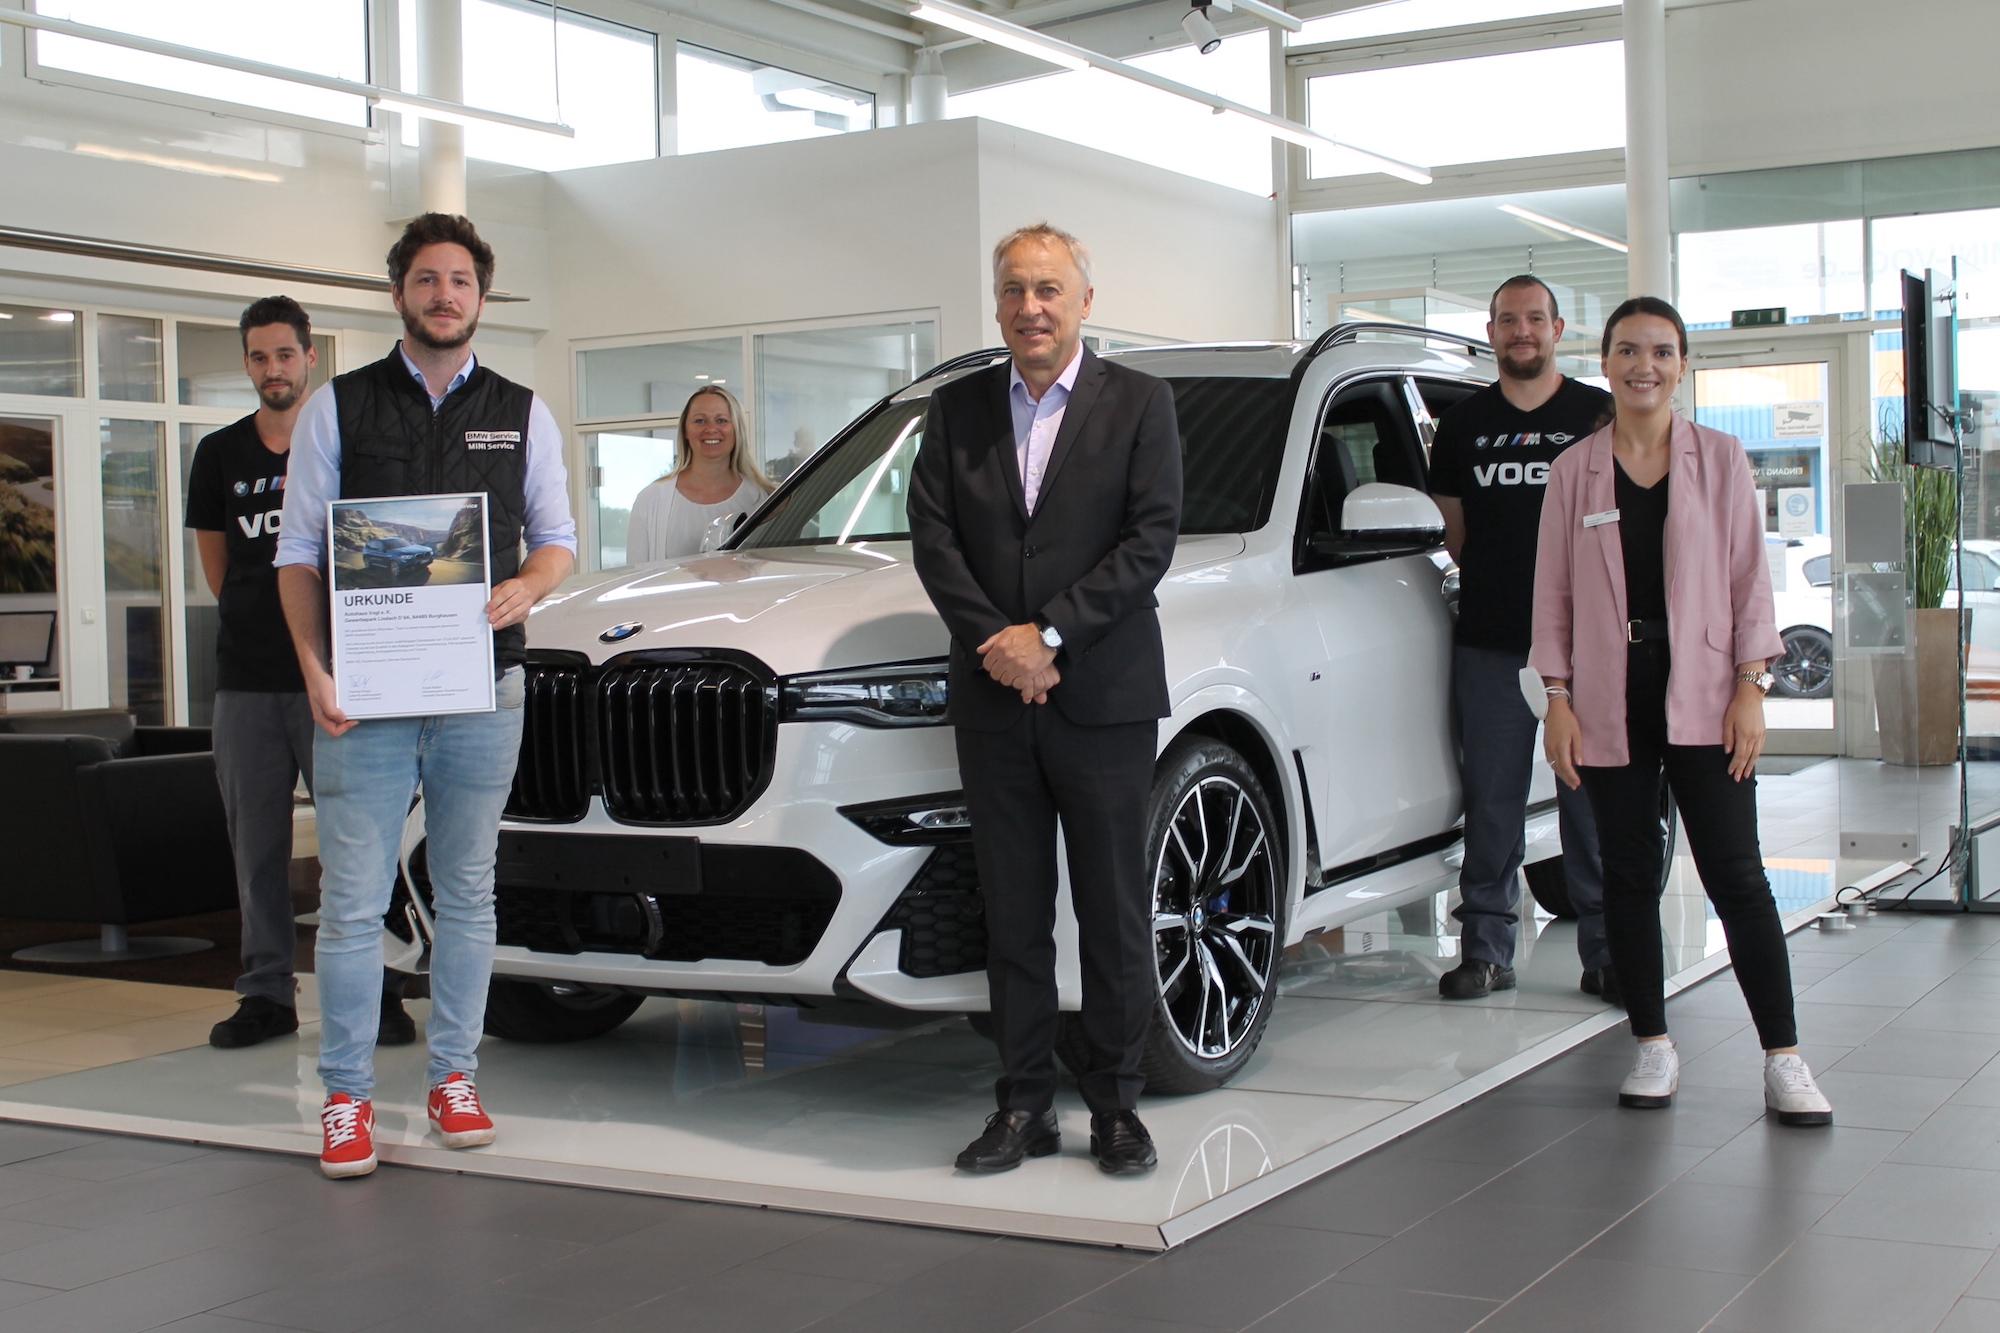 BMW VOGL erhält erneut Urkunde für hervorragende Leistungen beim BMW Werkstatttest in Burghausen.